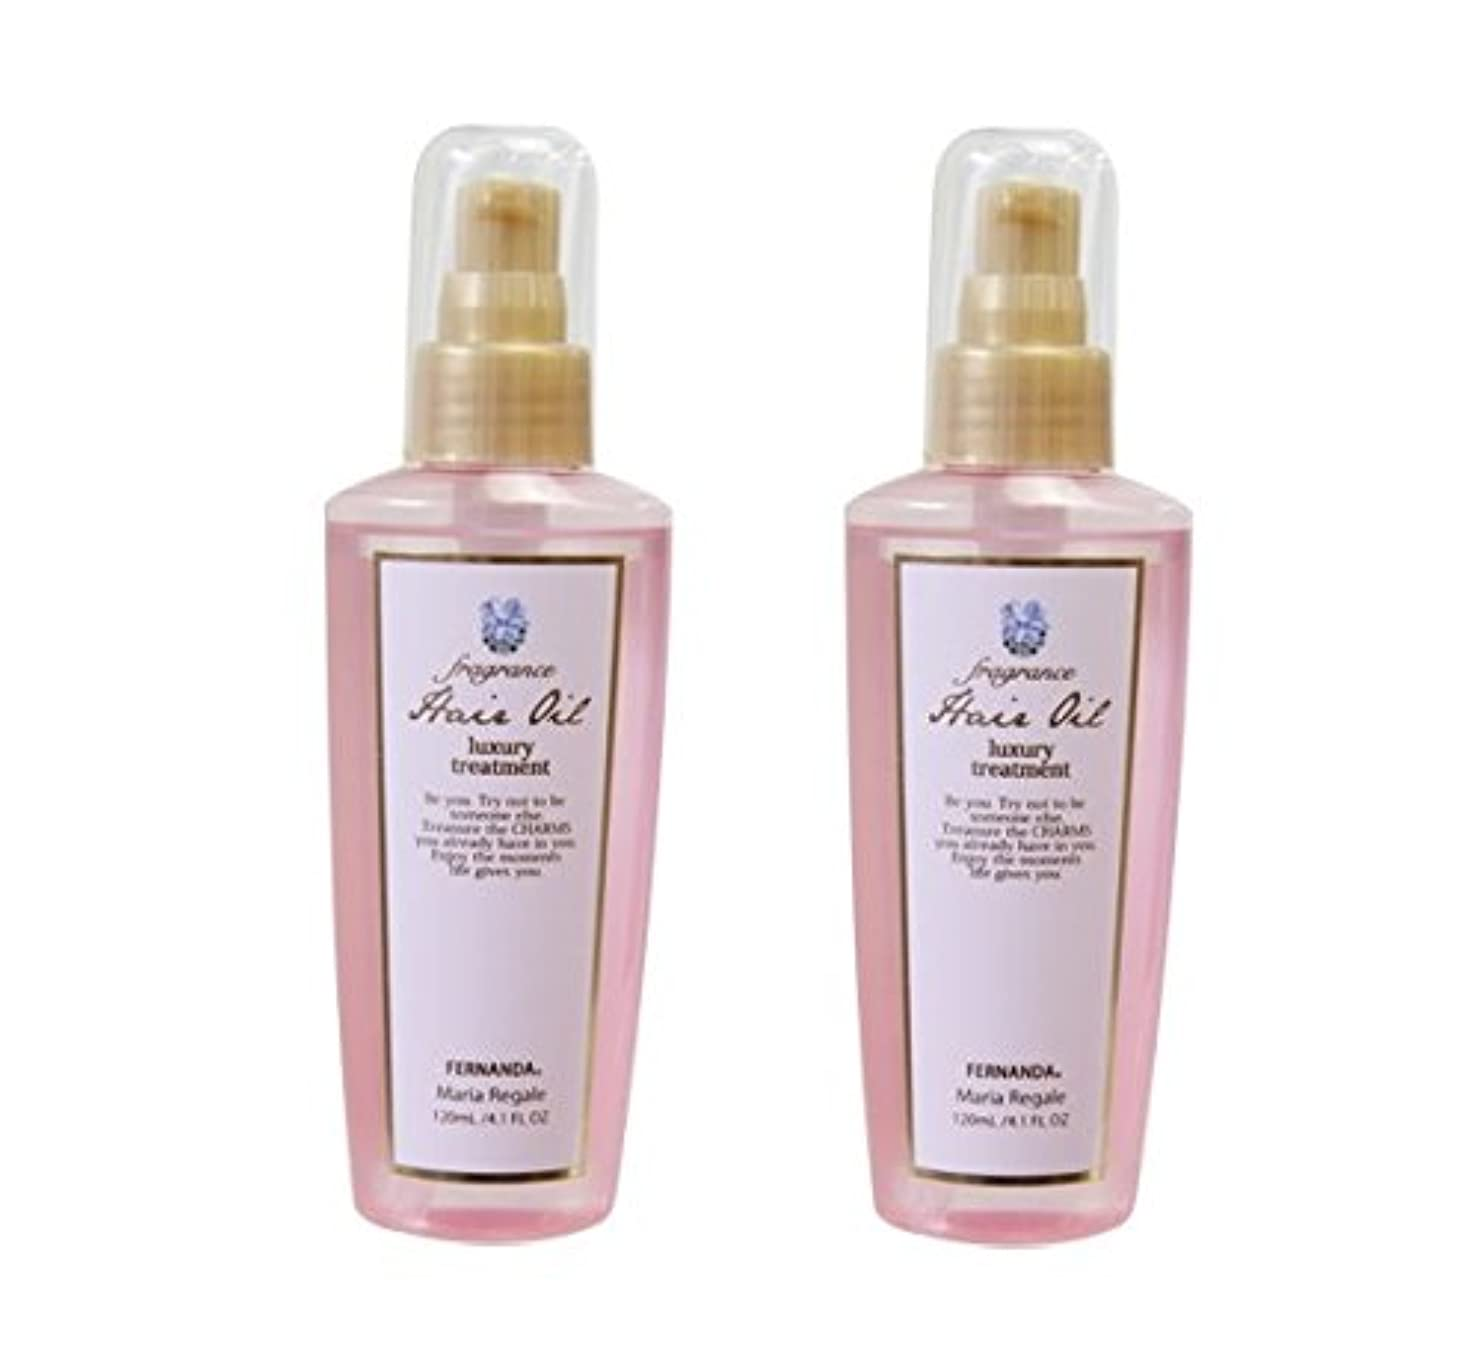 均等に喪抵抗FERNANDA(フェルナンダ) Hair Oil Maria Regale (ヘアーオイル マリアリゲル)×2個セット